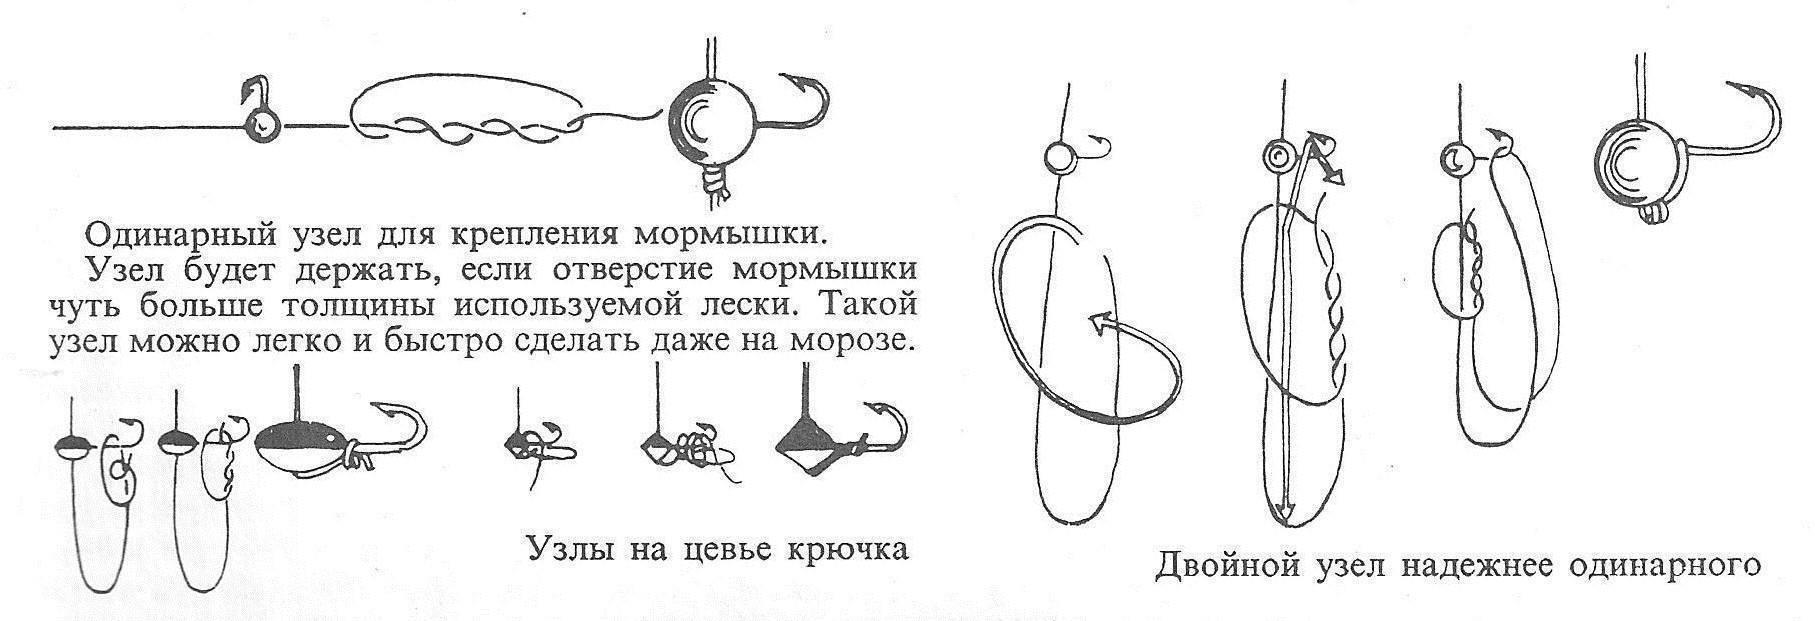 Как привязать мормышку правильно | узлы для мормышек